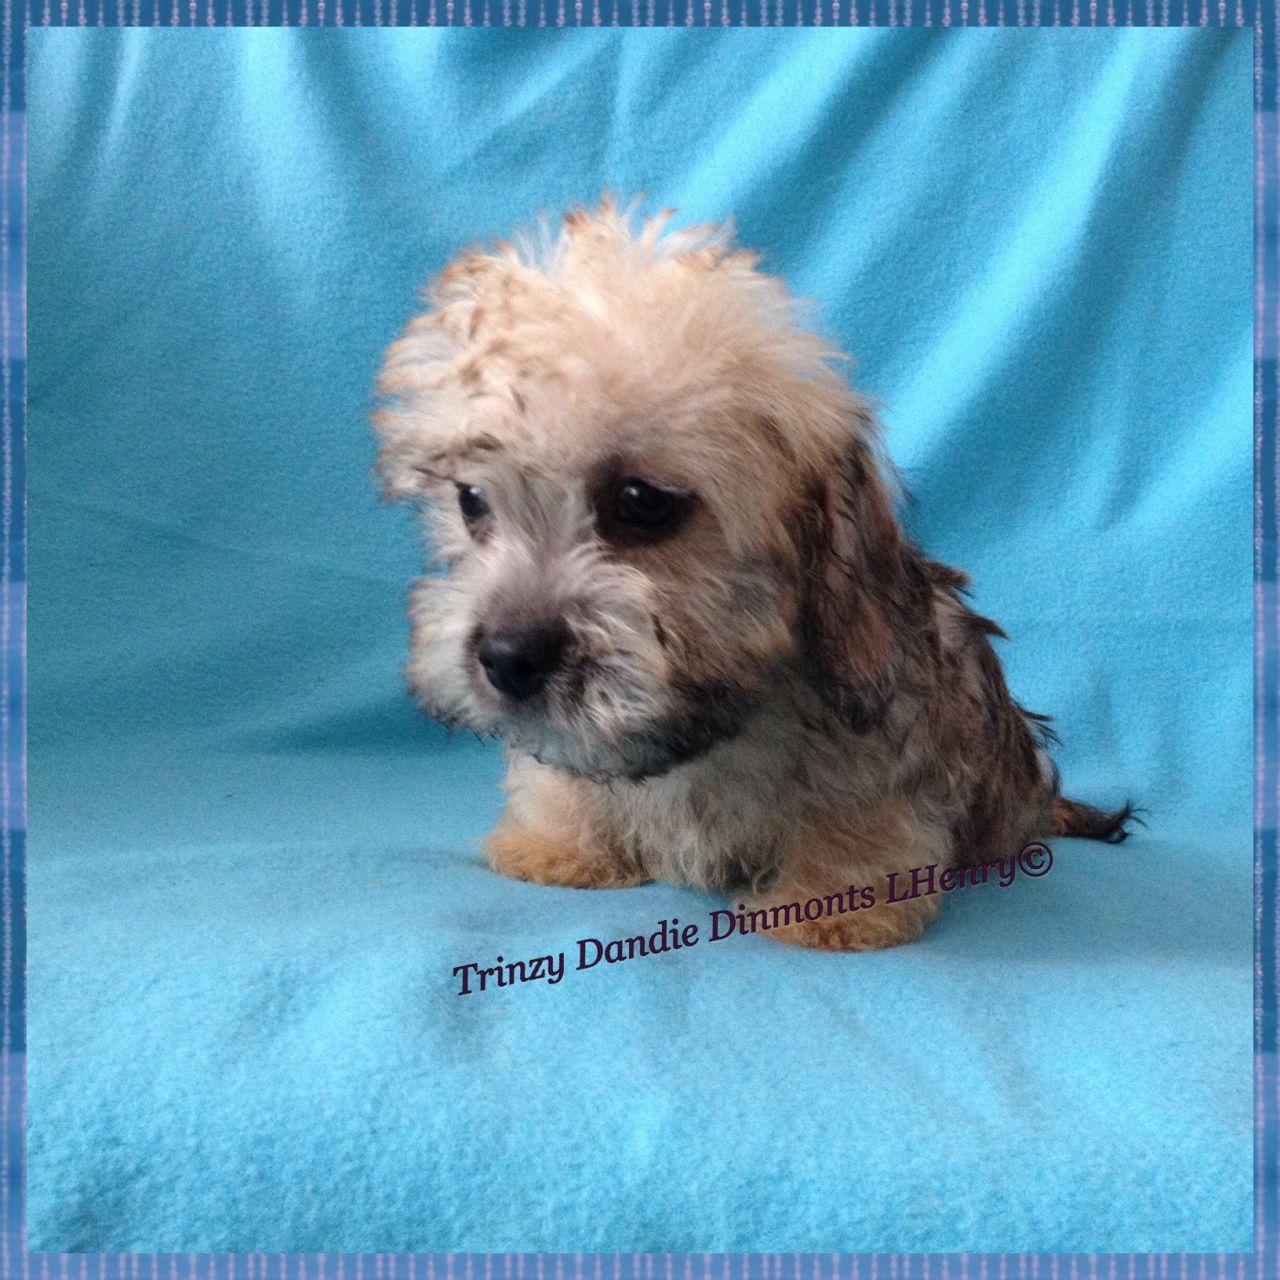 Dandie Dinmont Terrier Puppies: Dandie Dandie Dinmont Terrier Puppies For Sale Ormskirk Breed